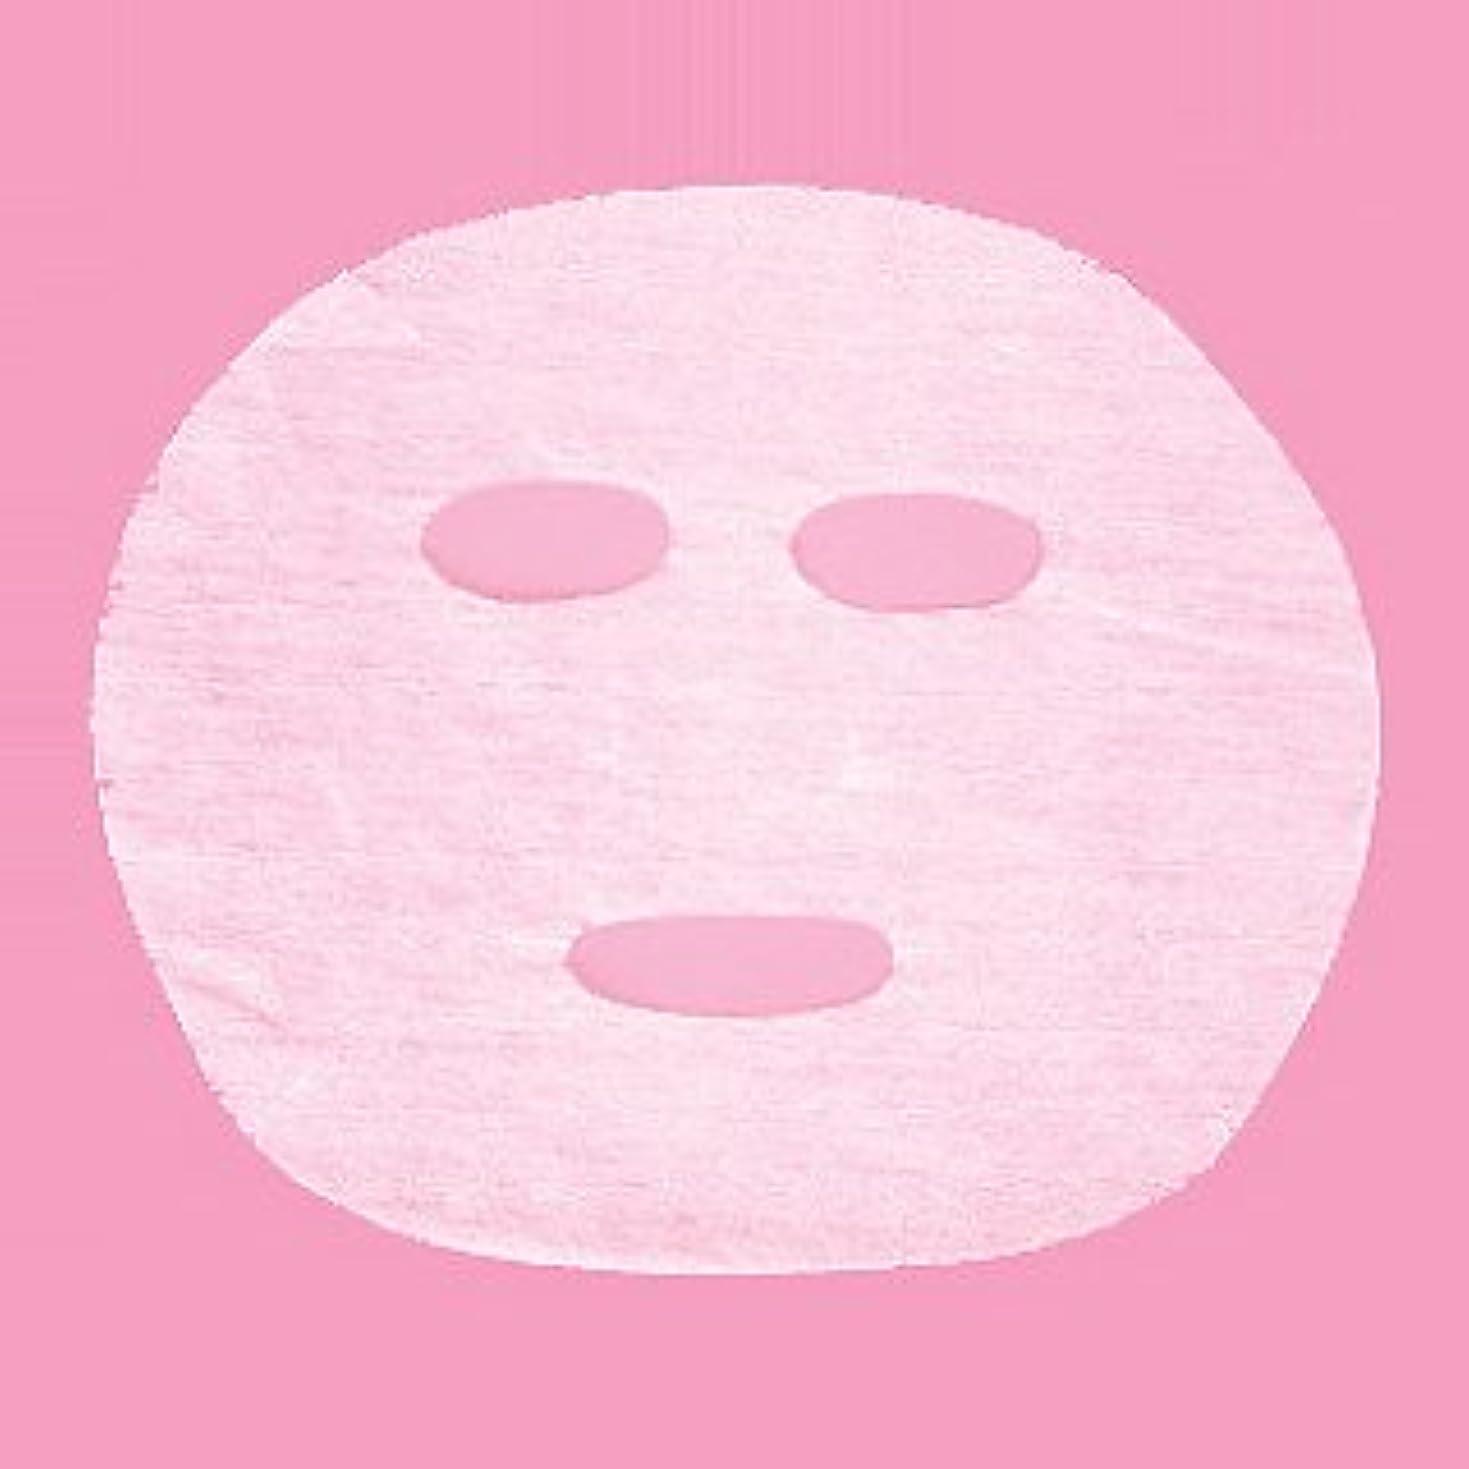 無能に向かって涙フェイシャルシート (やや厚手タイプ) 20枚入 23.5×19cm [ フェイスマスク フェイスシート フェイスパック フェイシャルマスク フェイシャルパック ローションマスク ローションパック フェイス パック マスク ]